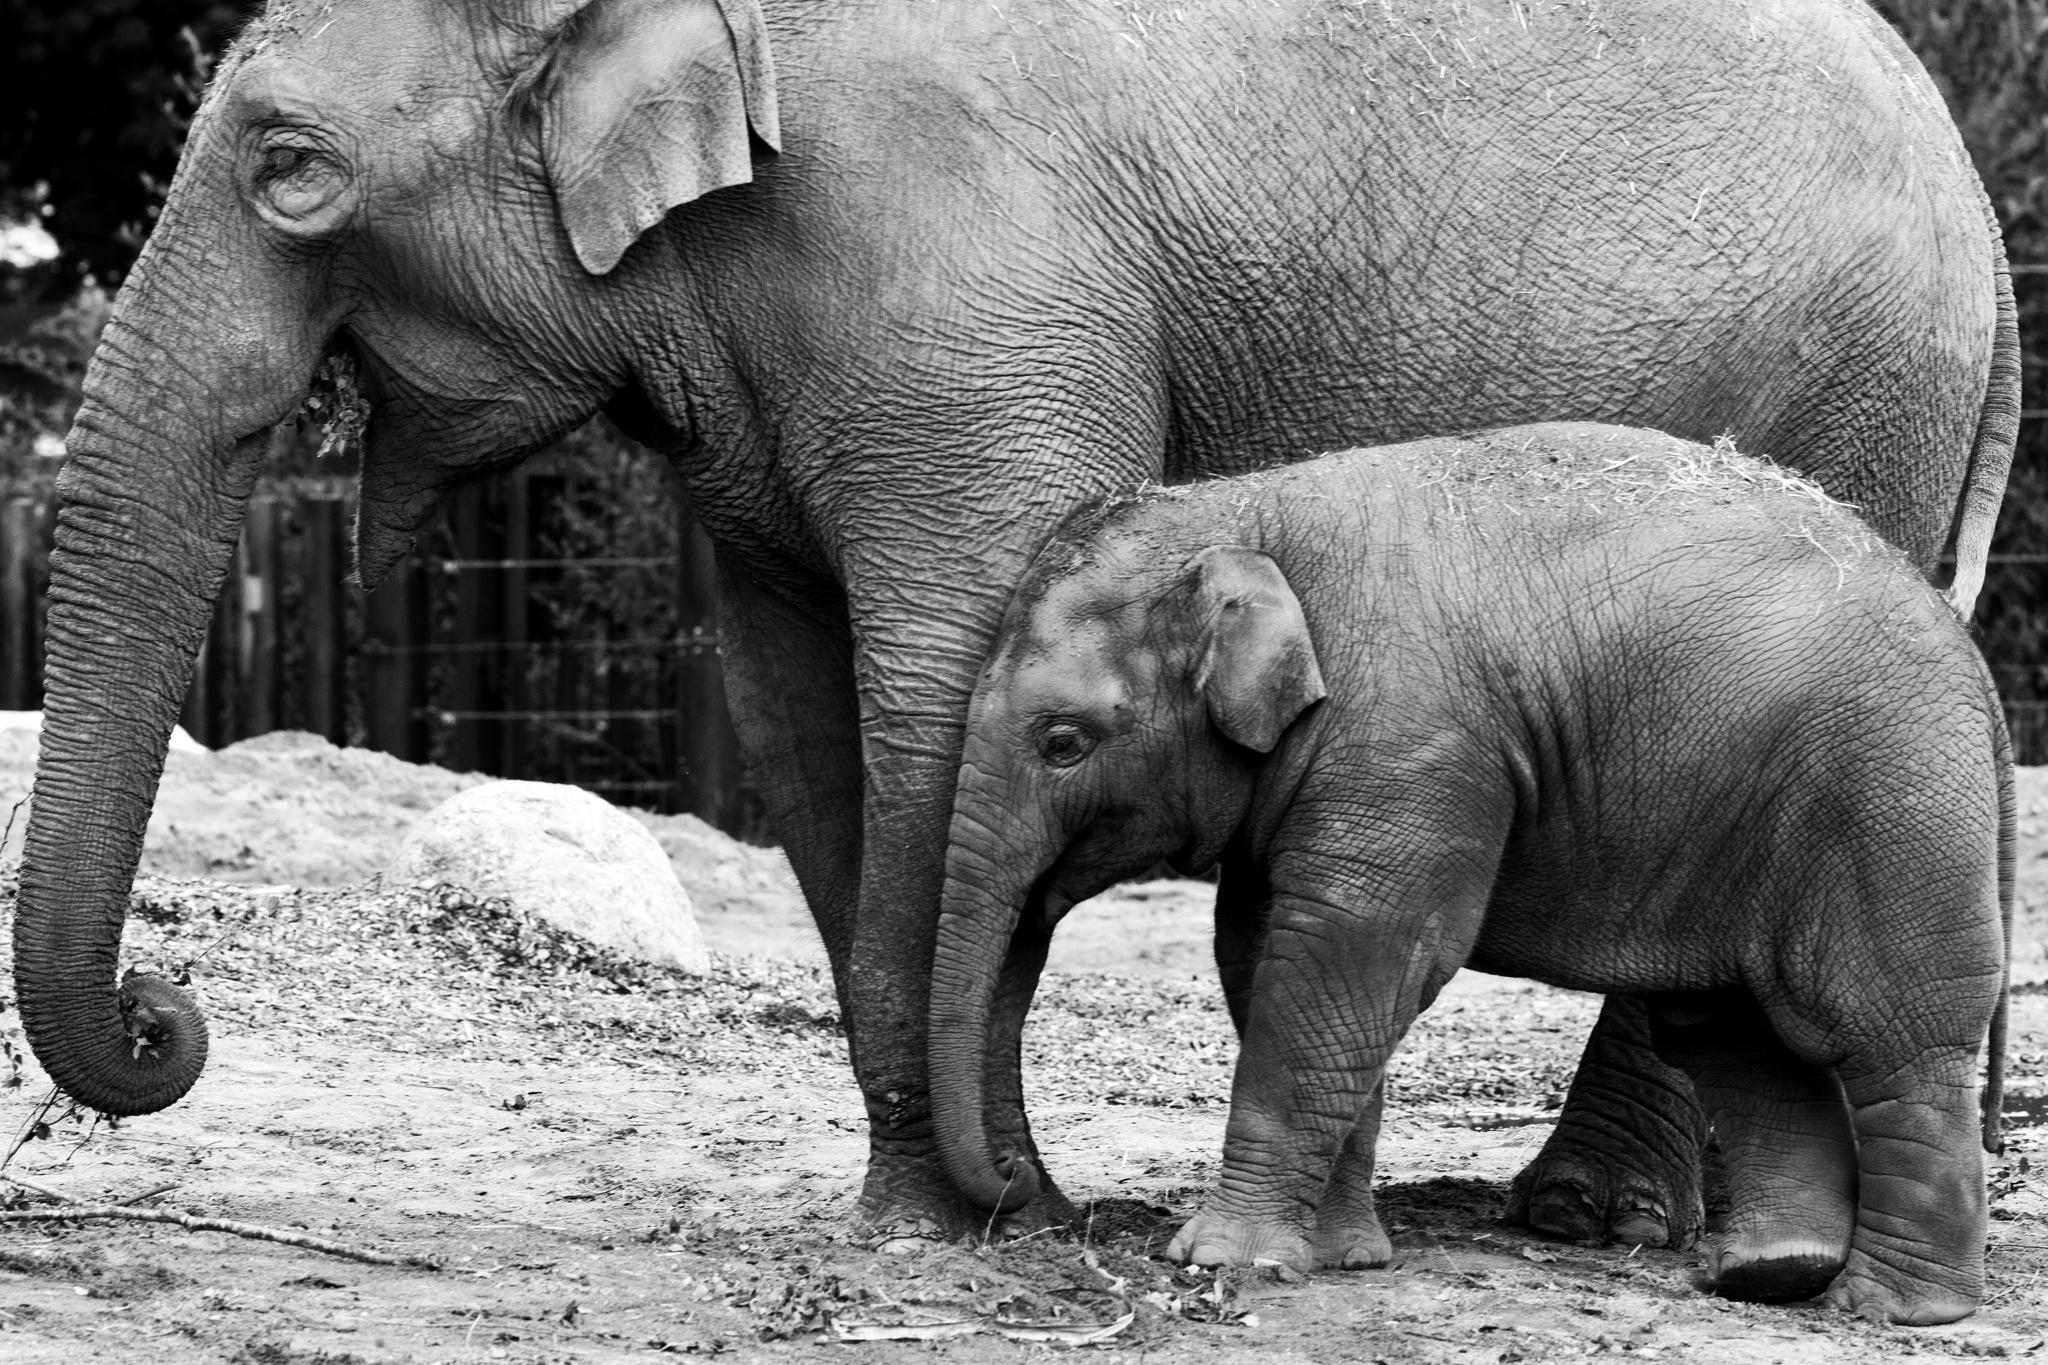 Elephant cuddle by Sinead